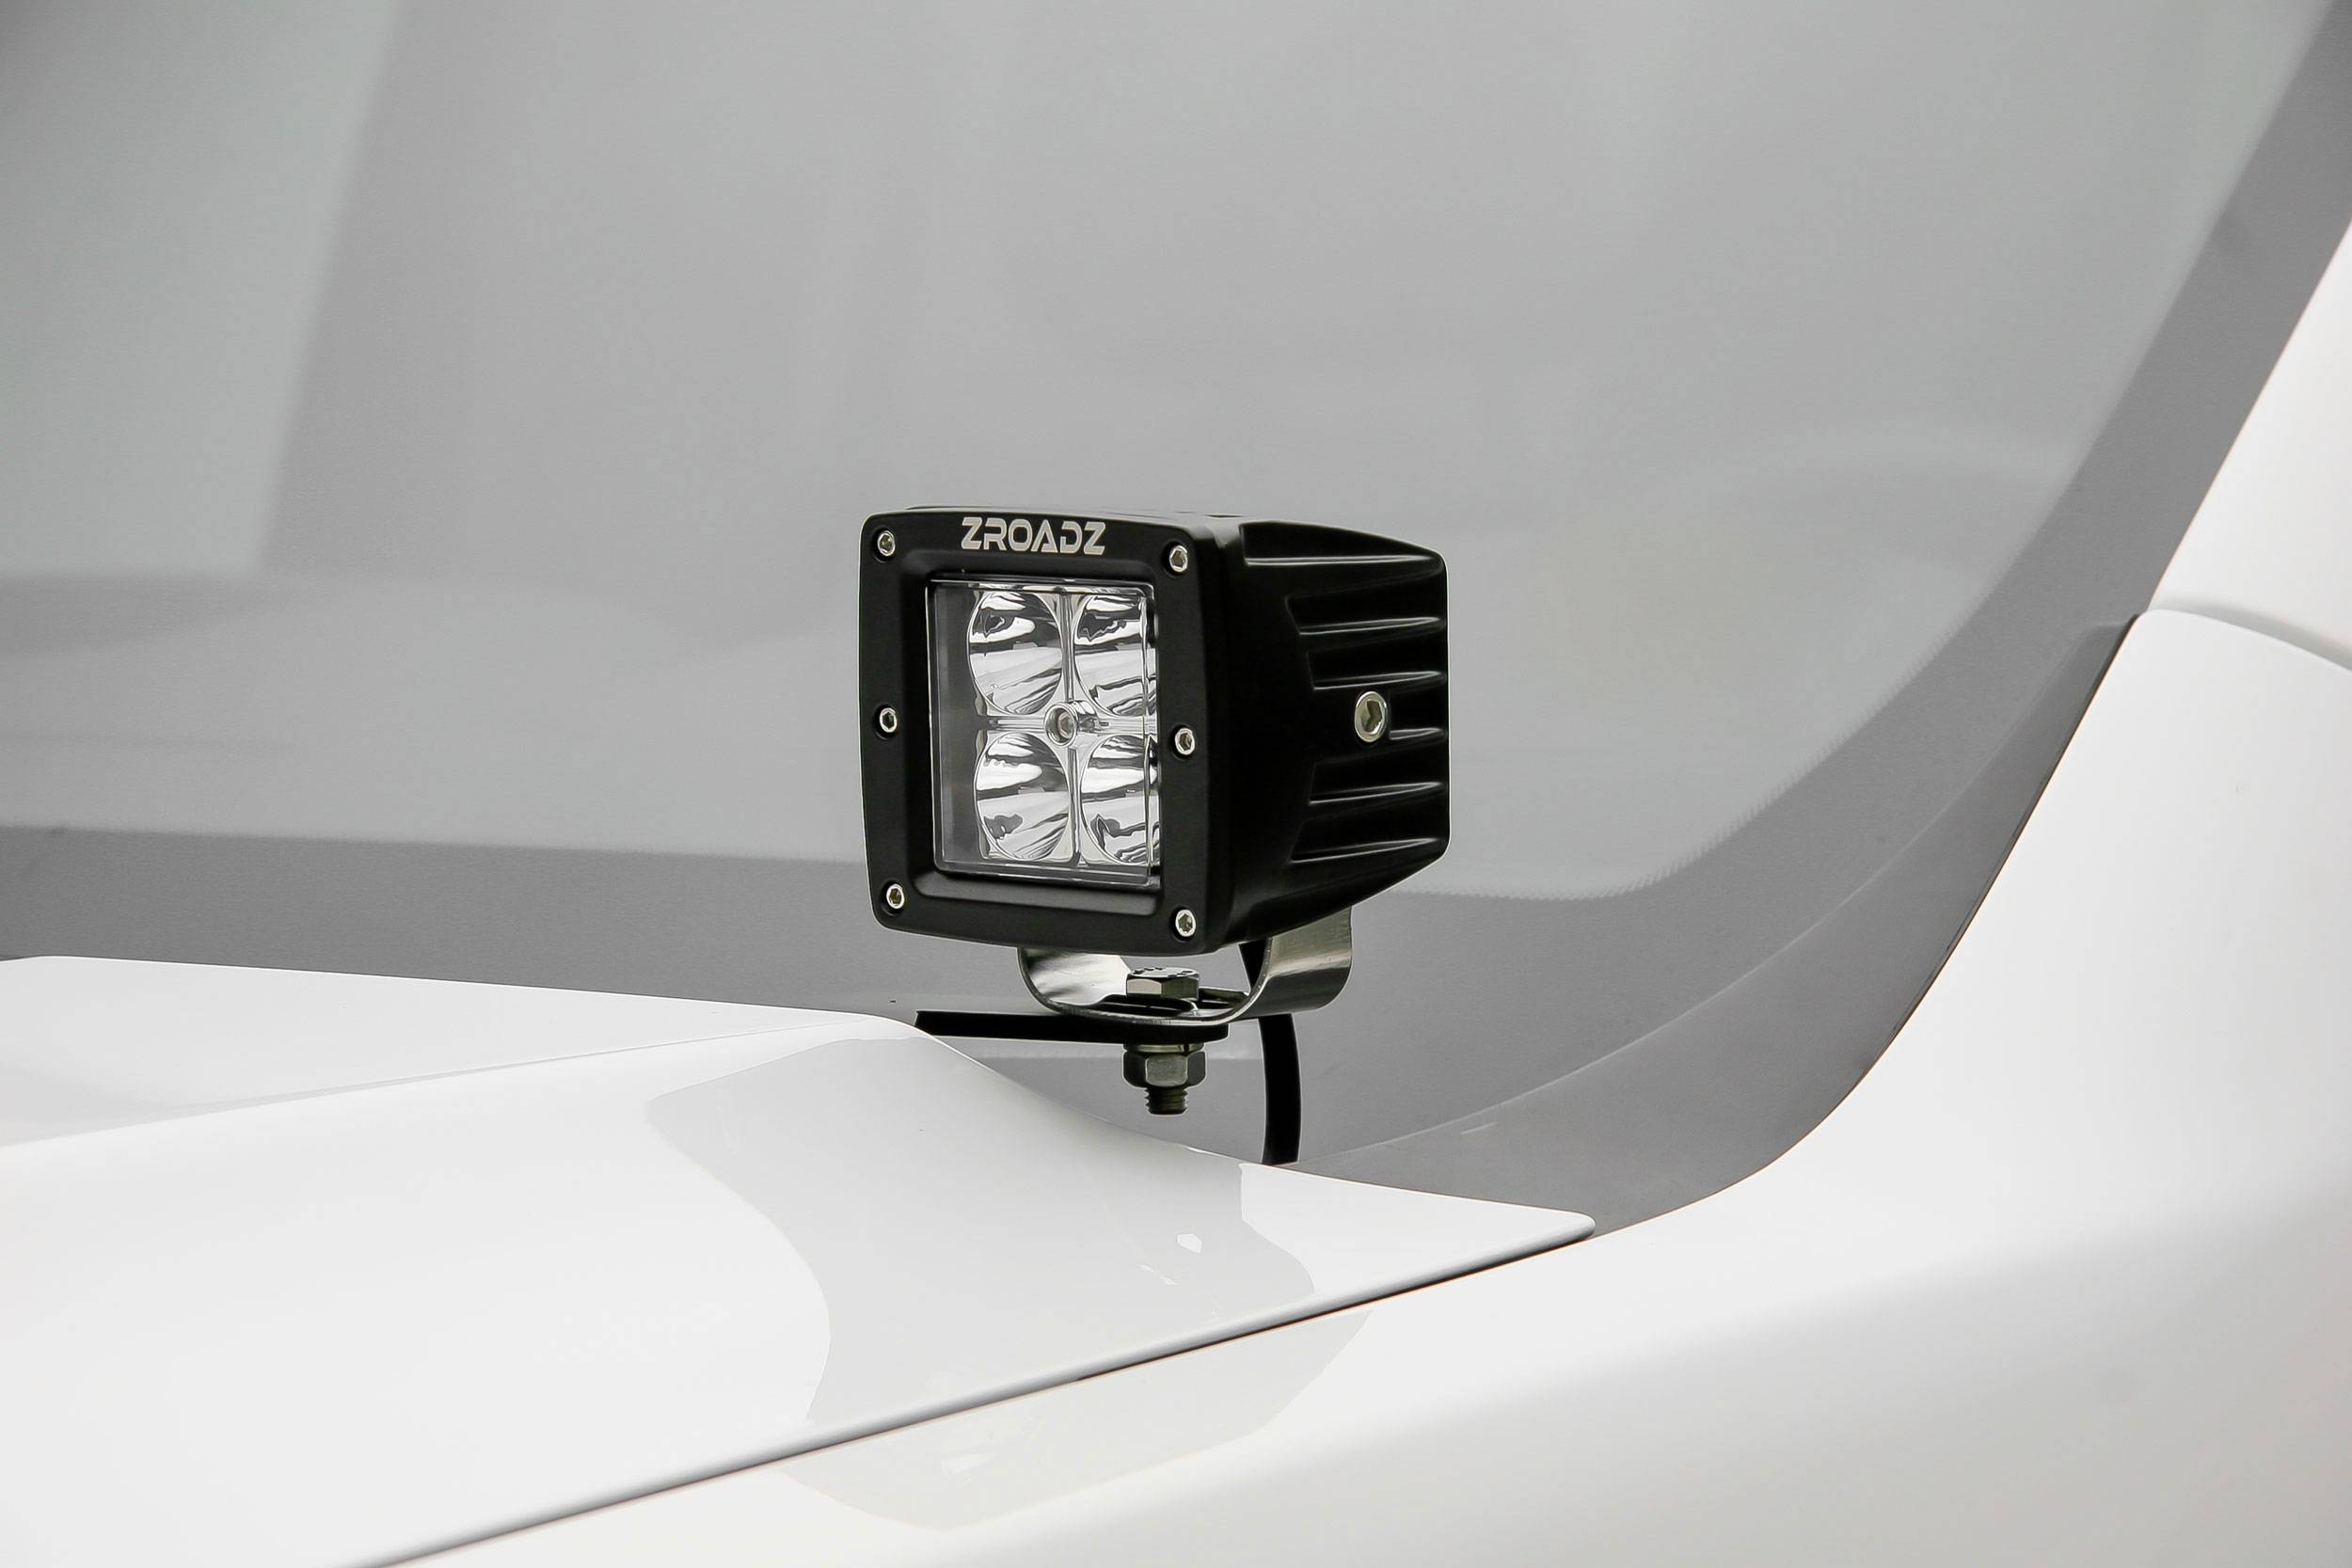 ZROADZ - 2019-2021 GMC Sierra 1500 Hood Hinge LED Kit with (2) 3 Inch LED Pod Lights - PN# Z362281-KIT2